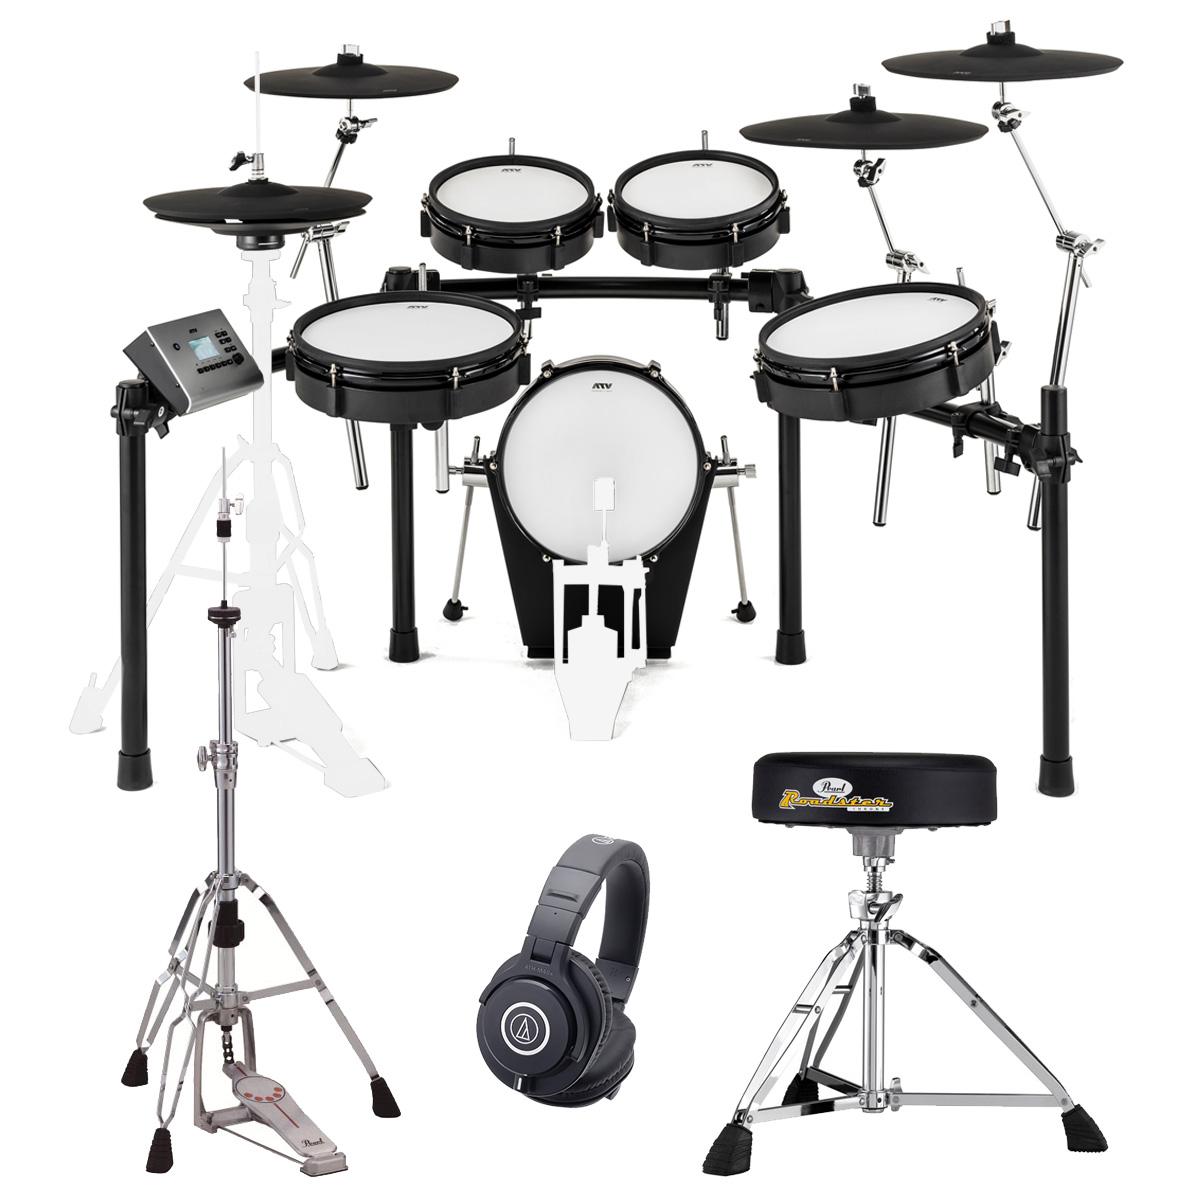 【在庫あります】ATV / EXS-5 電子ドラム PEARLハードウエアとM40xヘッドホンセット/ペダル別売